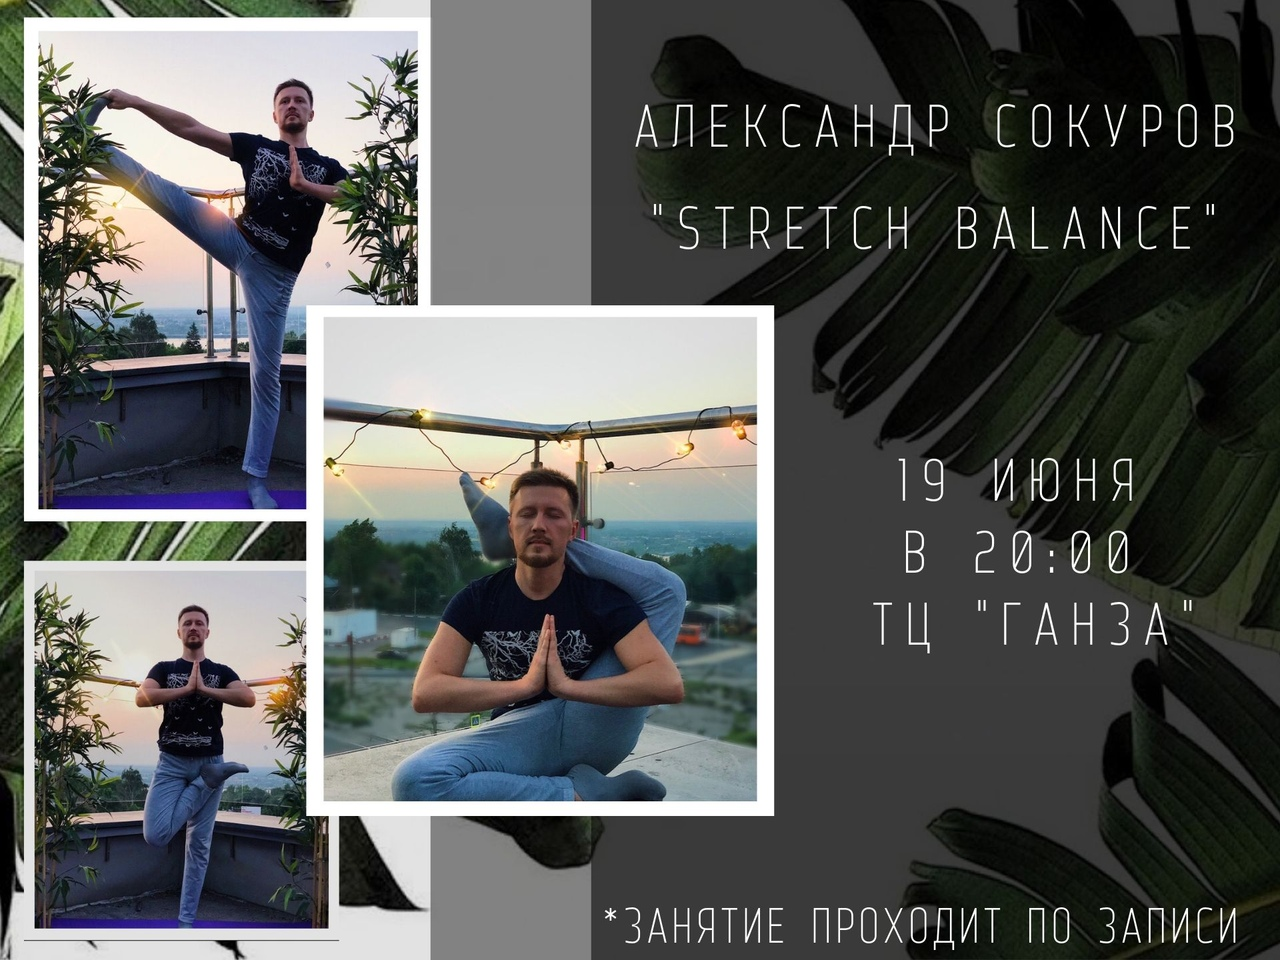 тренировка STRETCH BALANCE